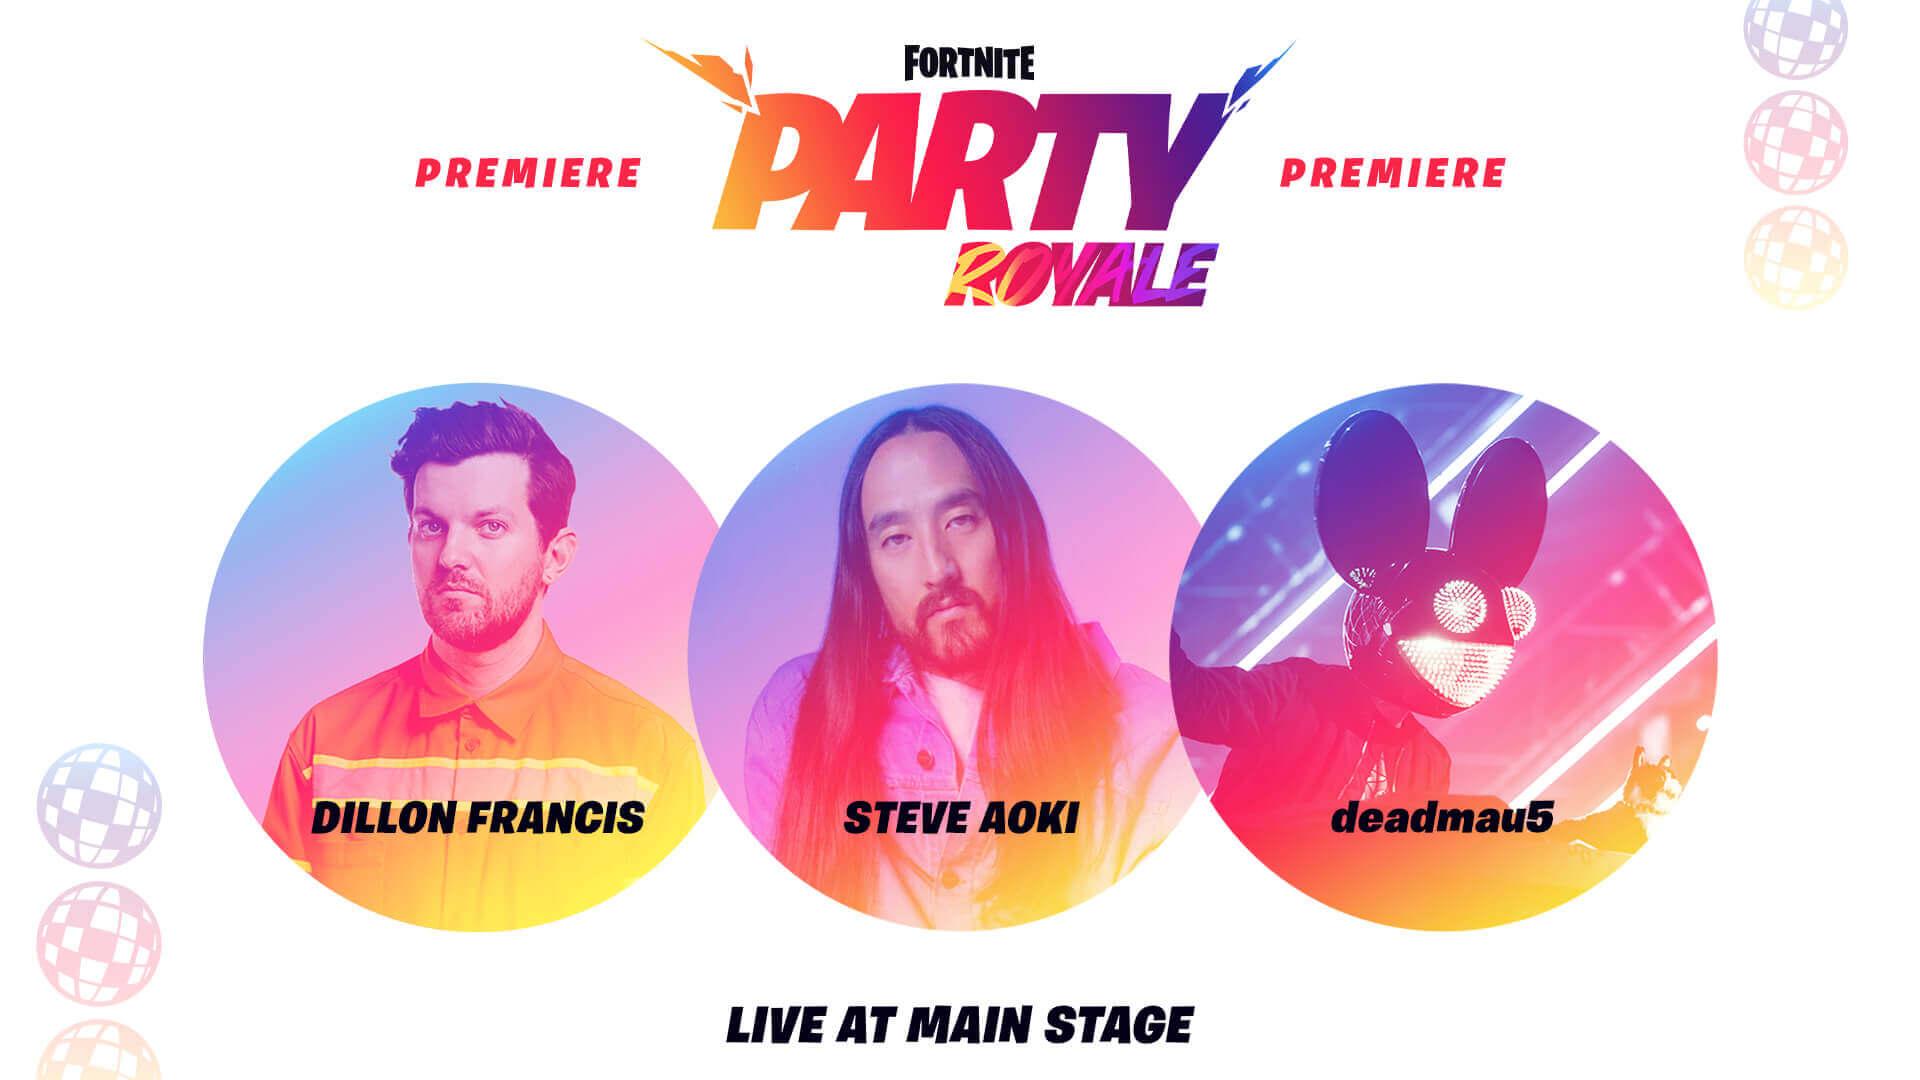 Pesta Tayangan Perdana Royale pada hari Jumaat bersamaan Dillon Francis, Steve Aoki dan Deadmau5